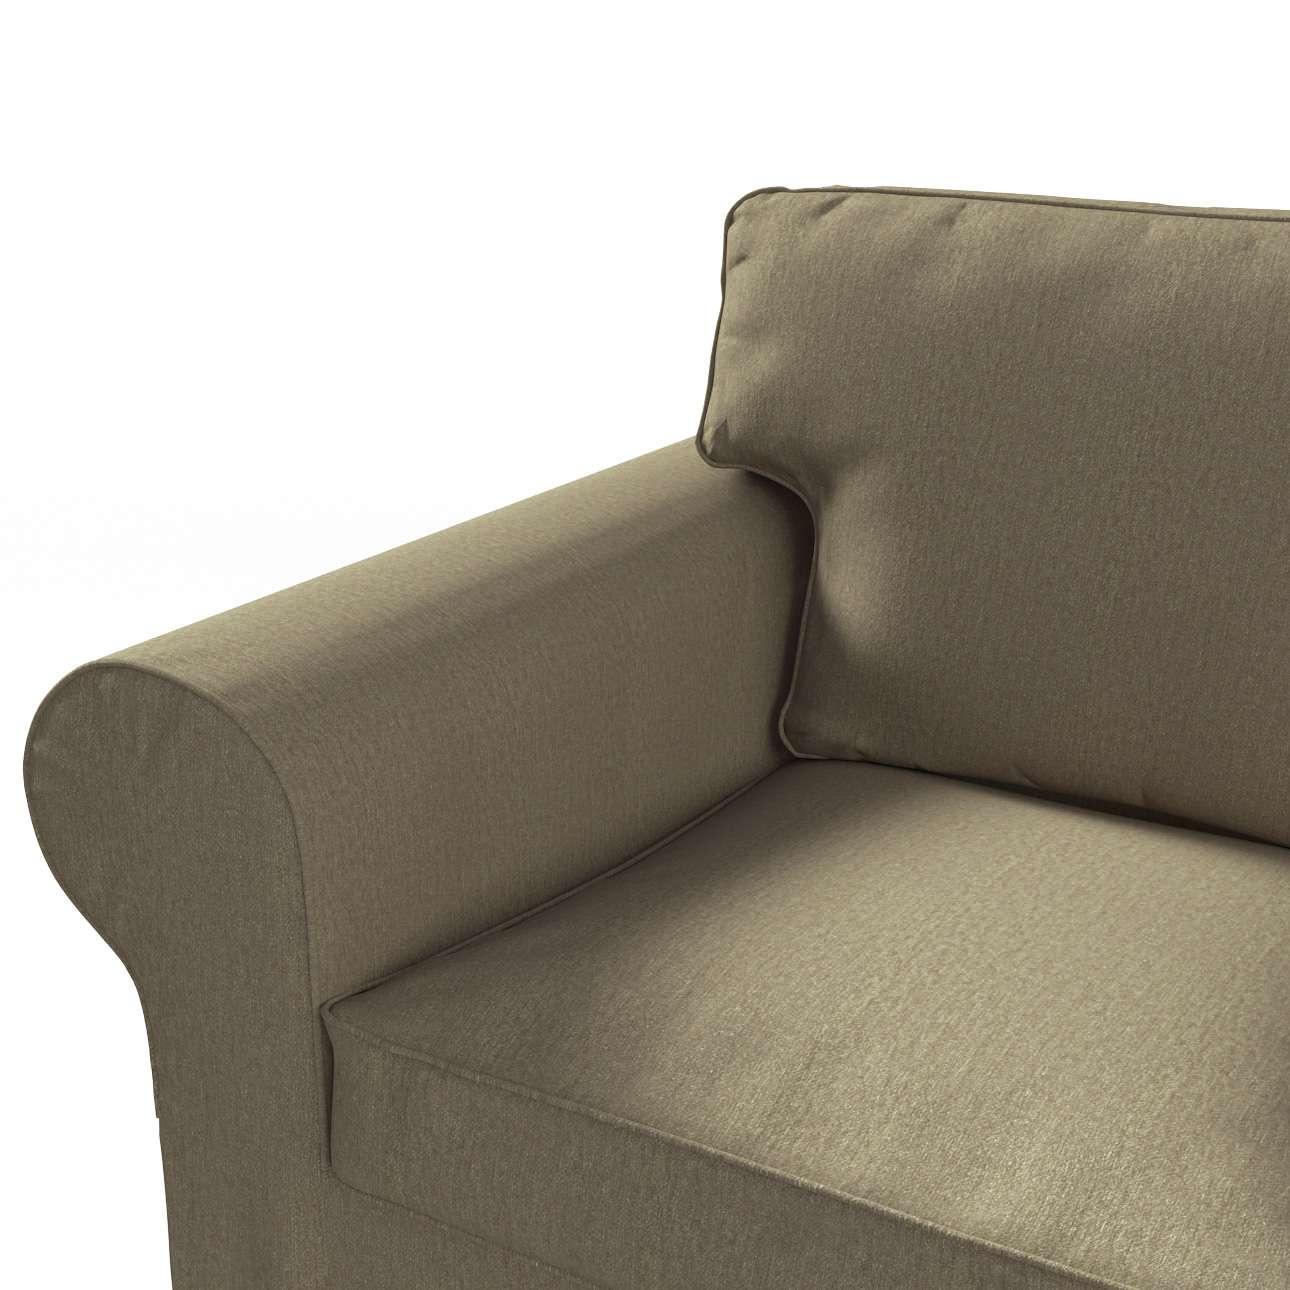 Ektorp 3-Sitzer Sofabezug nicht ausklappbar Sofabezug für  Ektorp 3-Sitzer nicht ausklappbar von der Kollektion Chenille , Stoff: 702-21